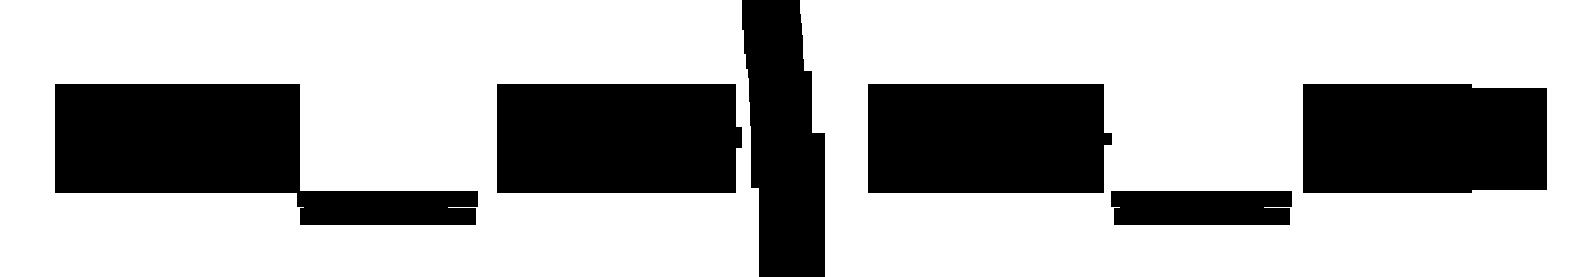 bVn84d.png